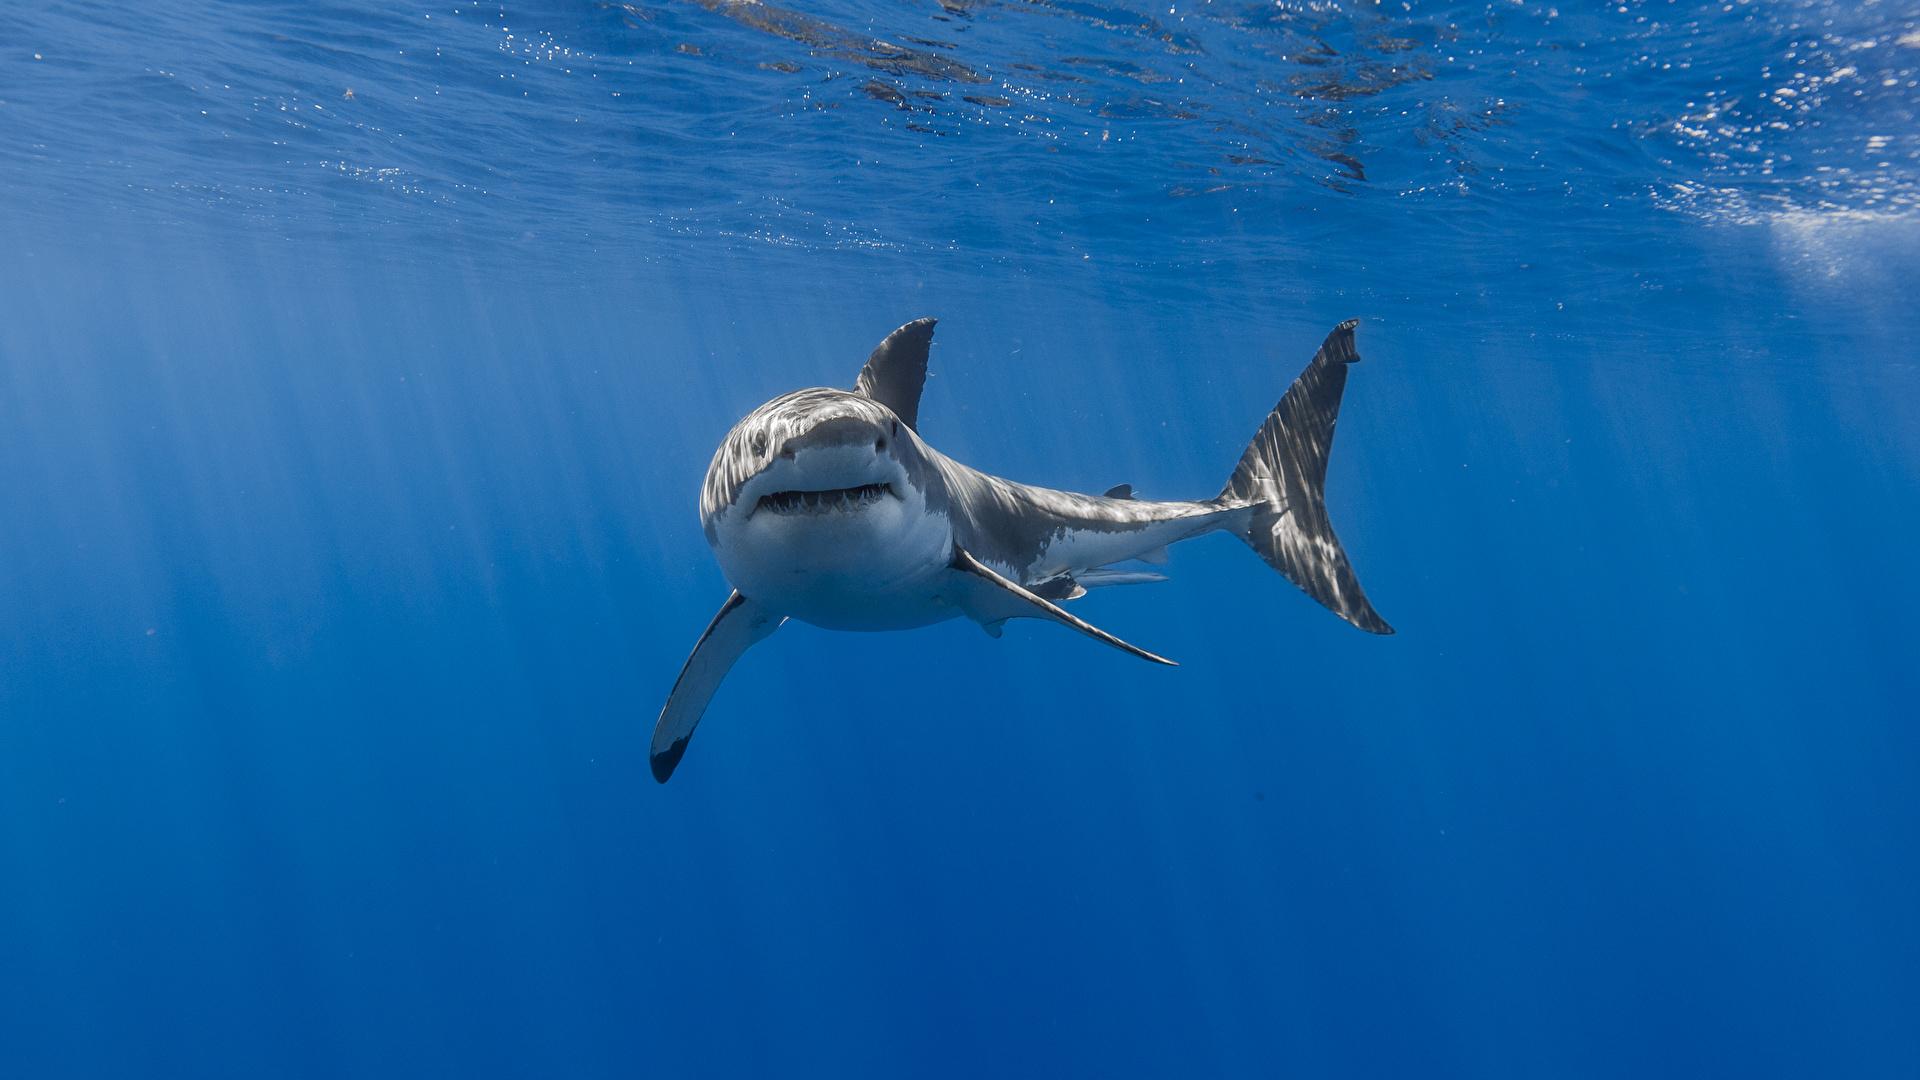 壁紙 1920x1080 サメ アンダーウォーターワールド 動物